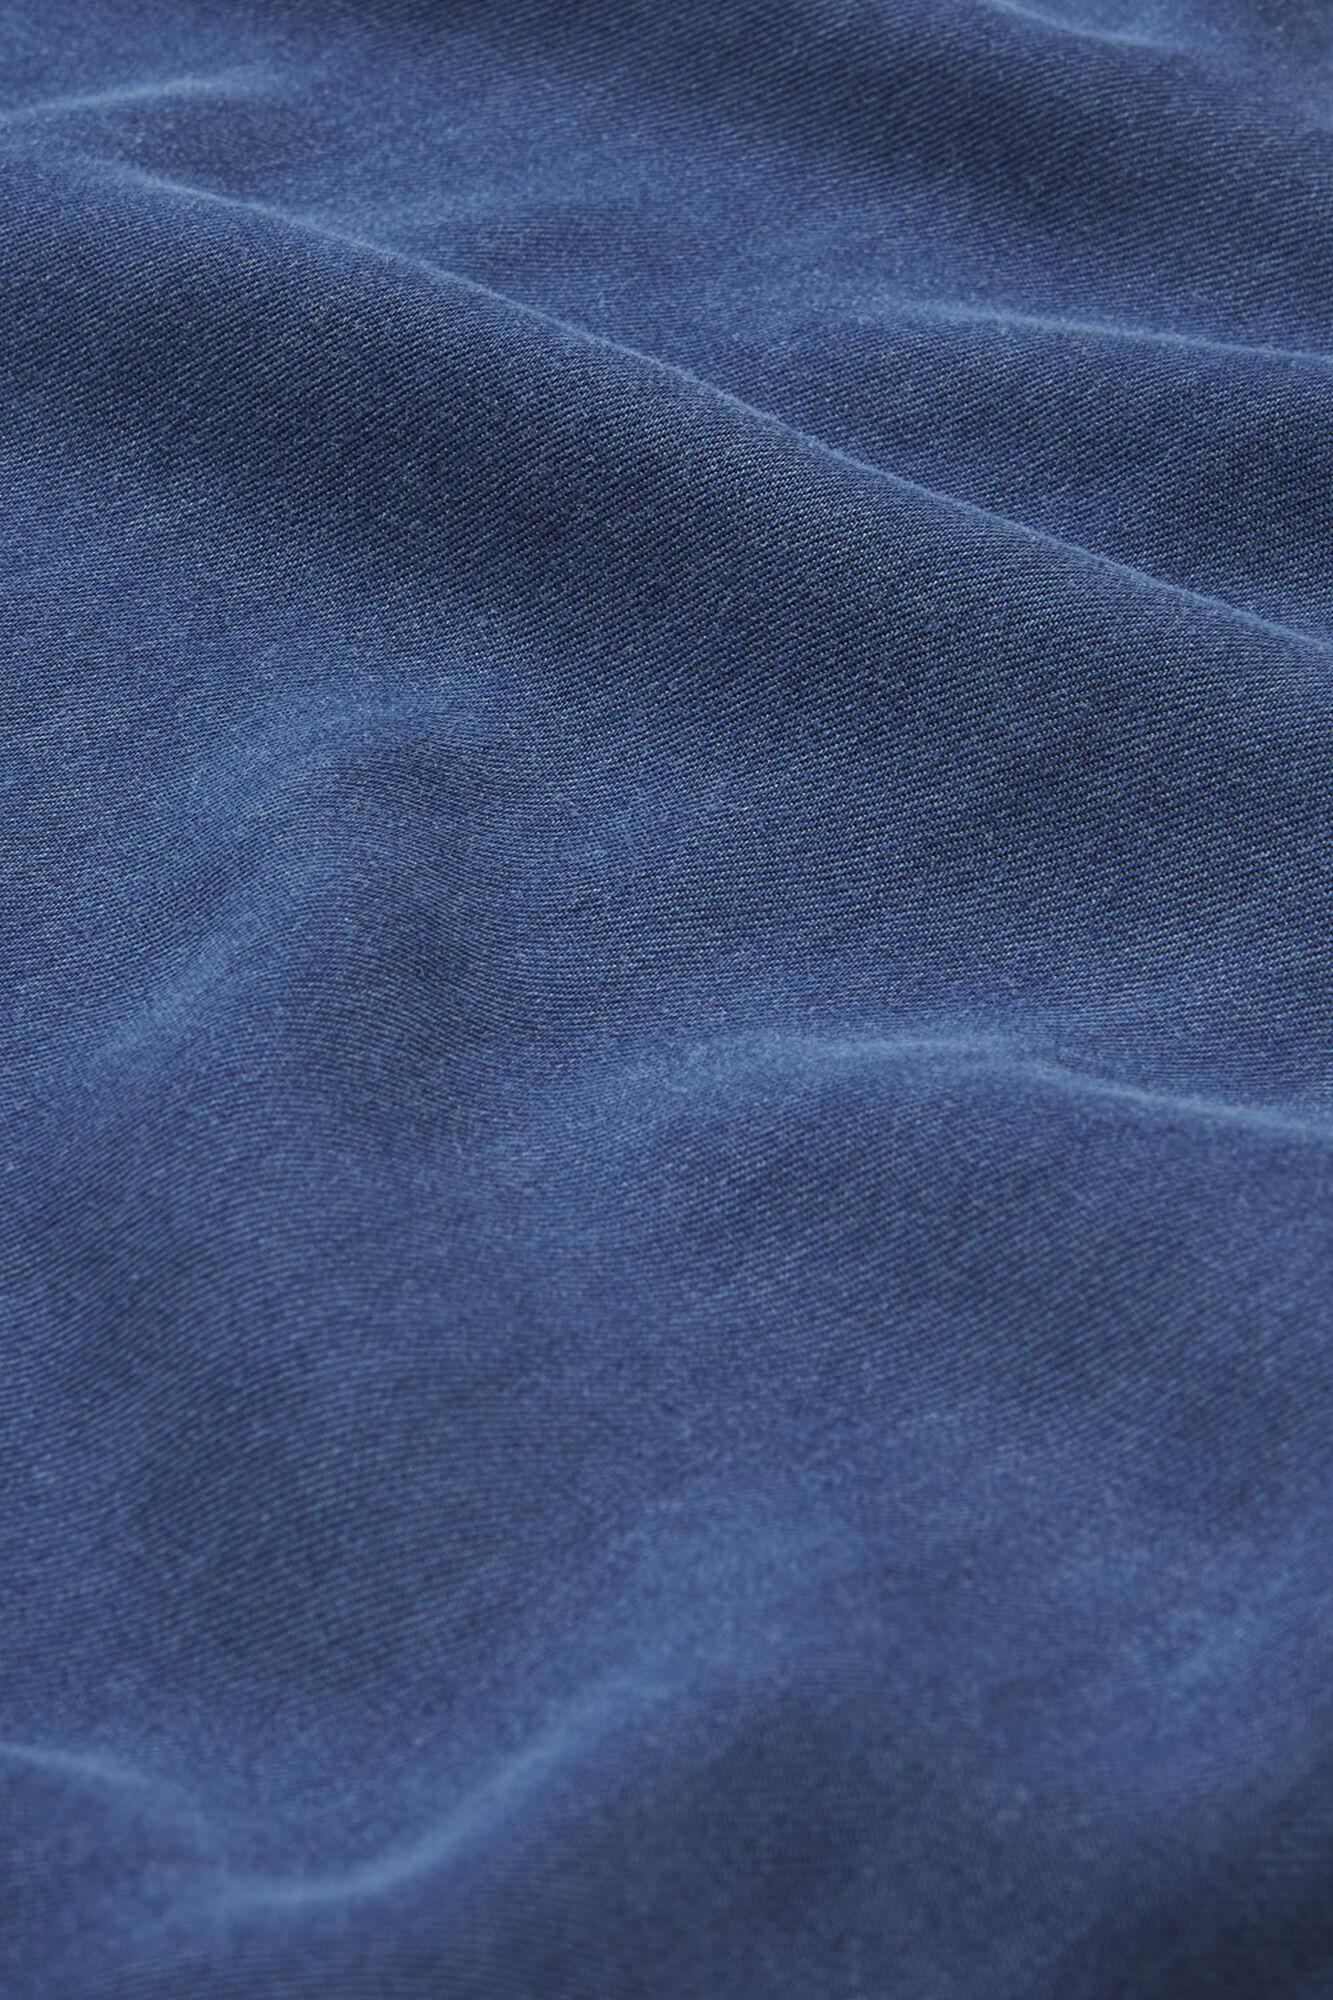 DEIRA TOP, Blue Denim, hi-res